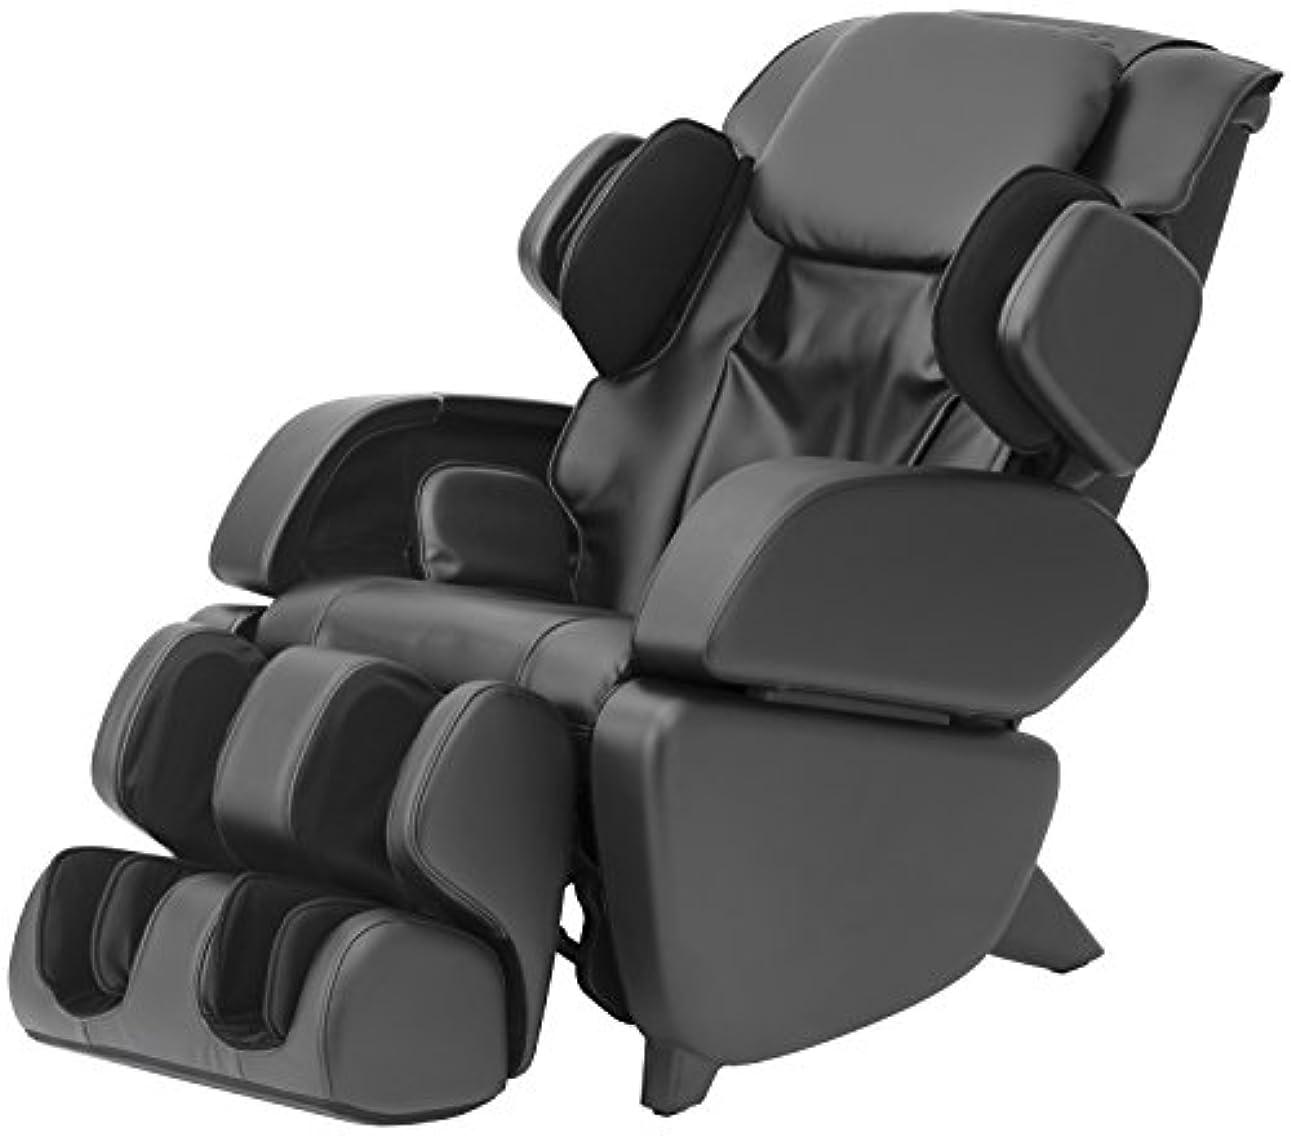 電話をかける素晴らしいですオピエートスライヴ マッサージチェア くつろぎ指定席 「つかみもみ?エアーマッサージ機能搭載」 通販限定モデル ブラック CHD-9004-S(K)